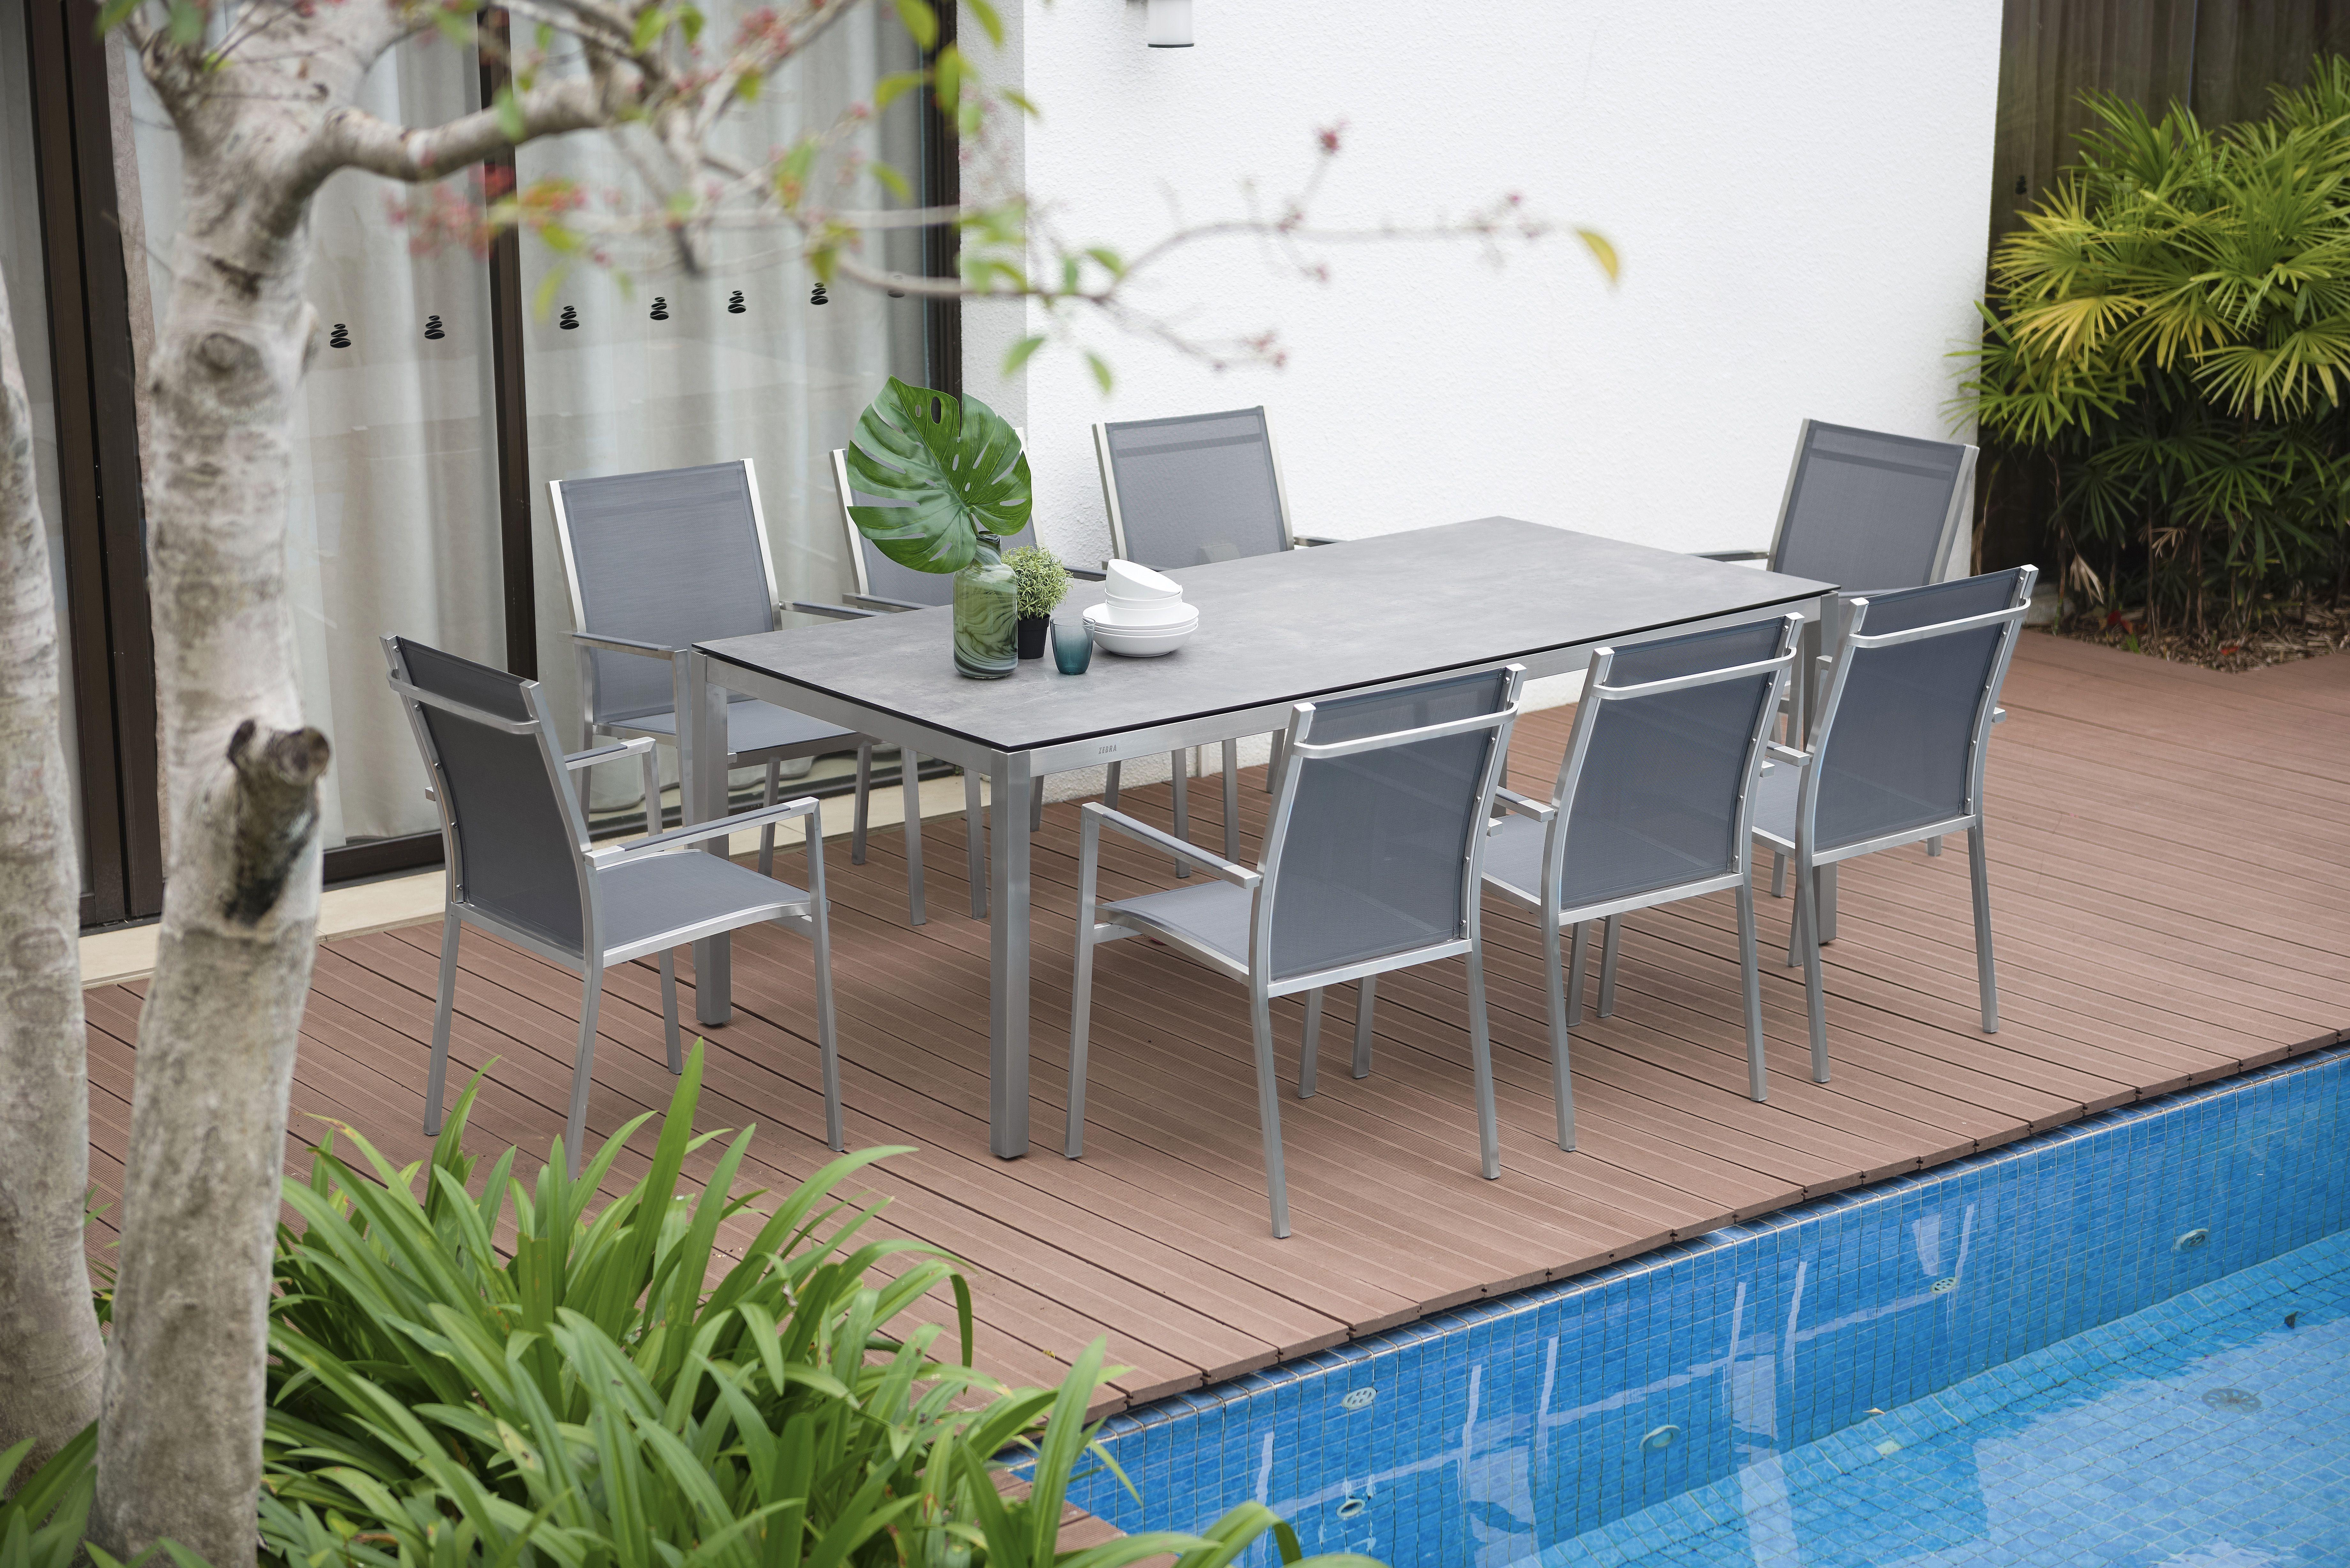 Zebra Tischsystem Opus Gartenmobel Metallgartenstuhle Und Zebra